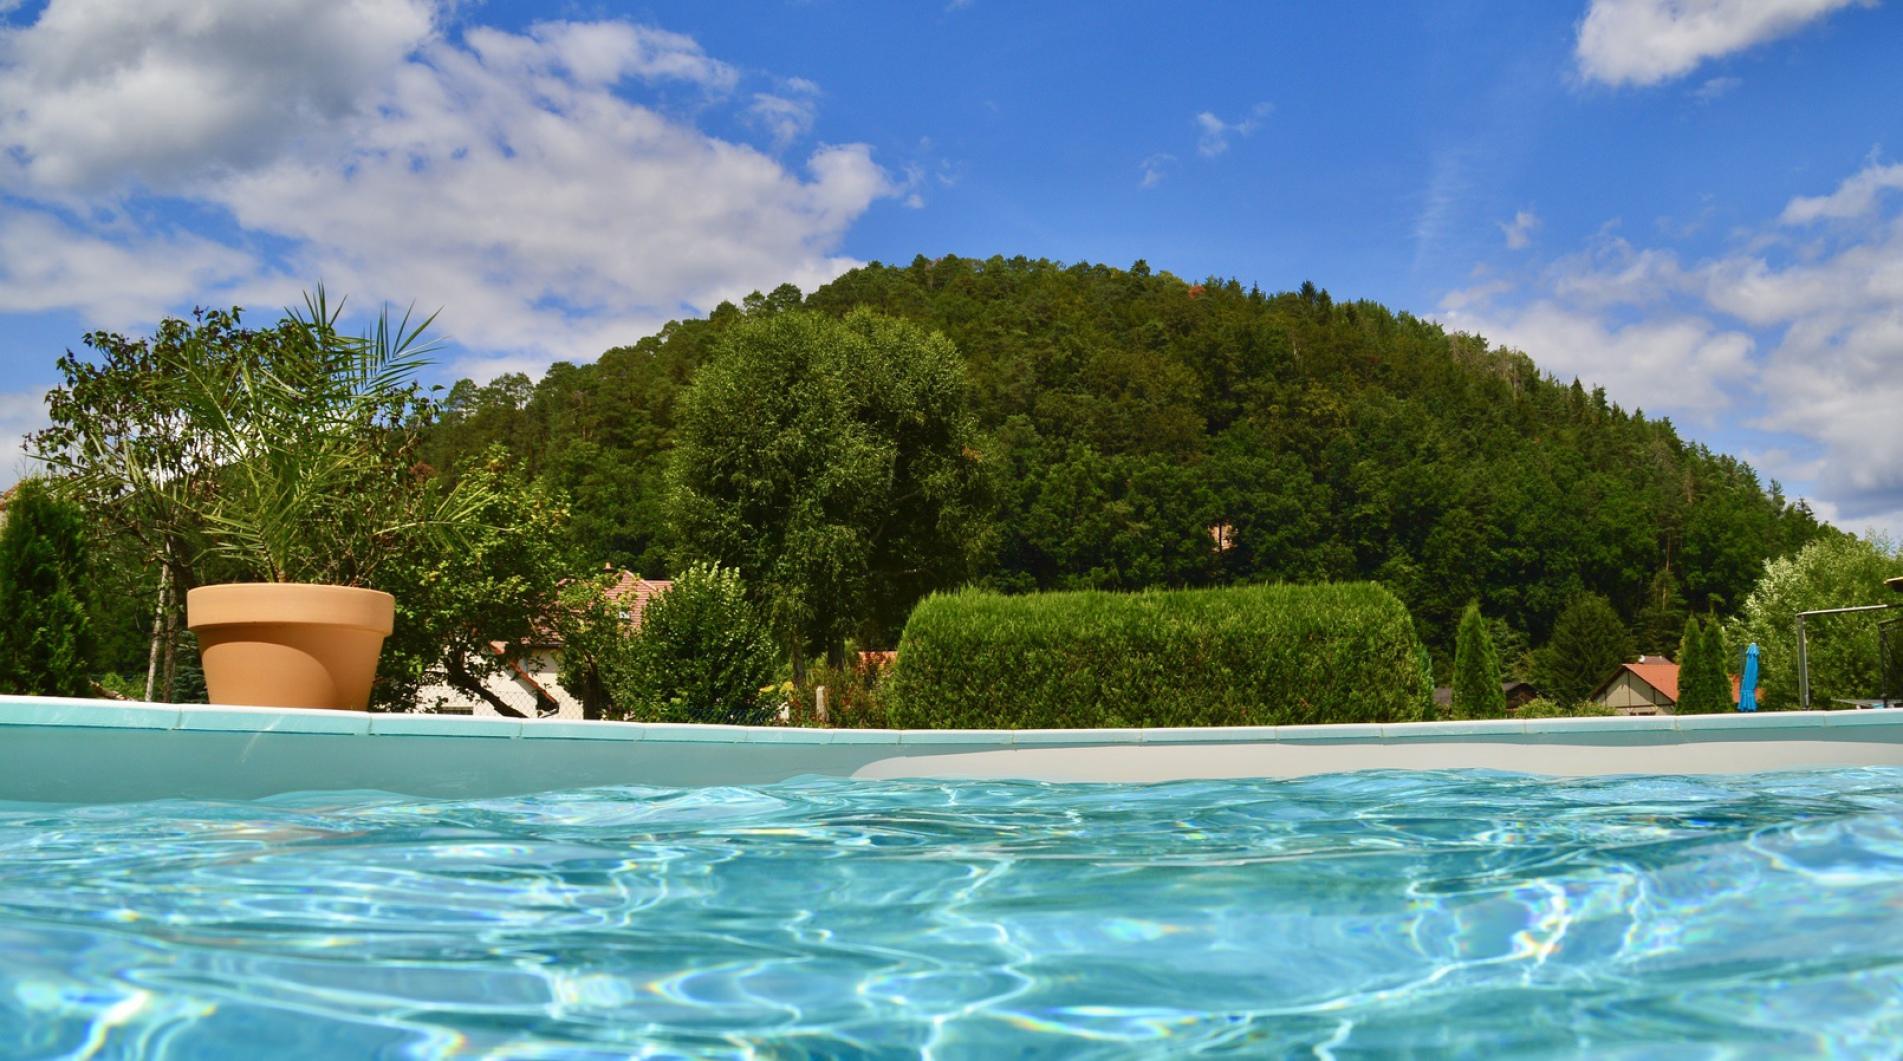 Ferienhaus mit pool Nord vogesen in der nähe von Bitche, Niederbronn und Dahn - Nord Elsass